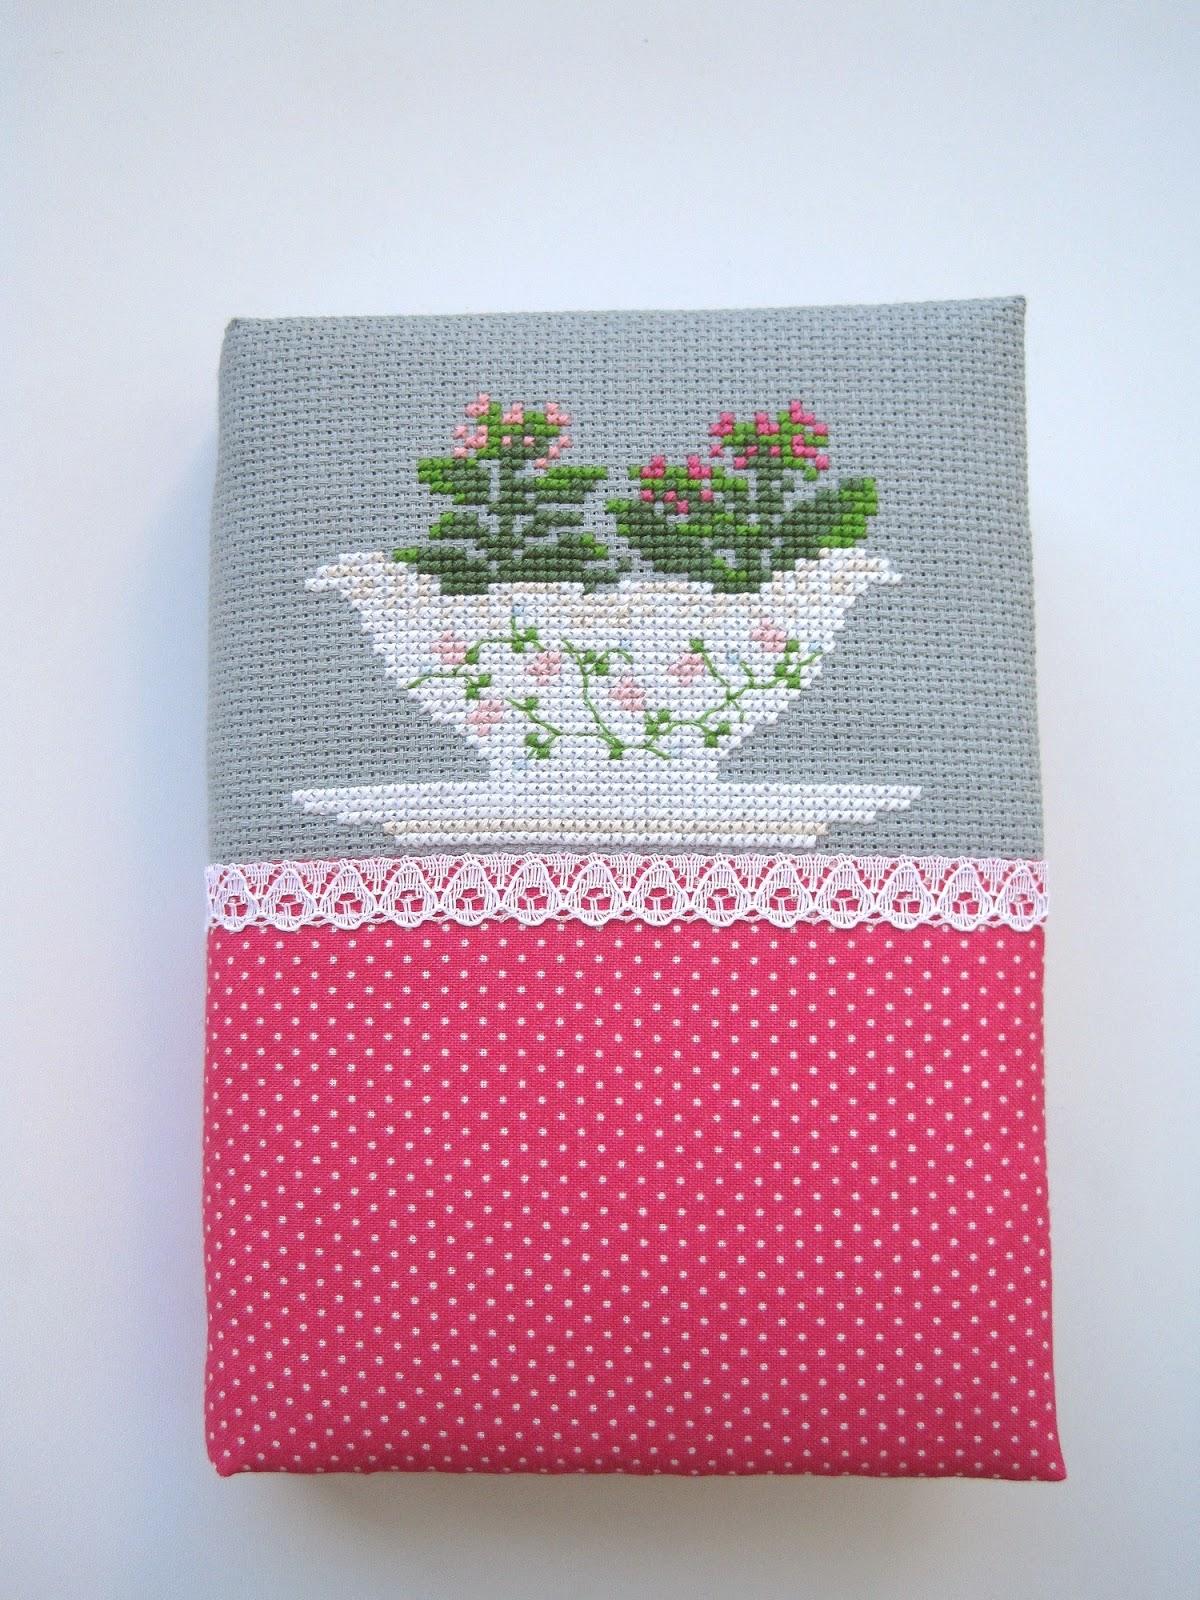 cross stitch hand made notebook вышивка крестиком блокнот ручной работы с нуля каланхоэ Kalanchoe Kissy-Cross